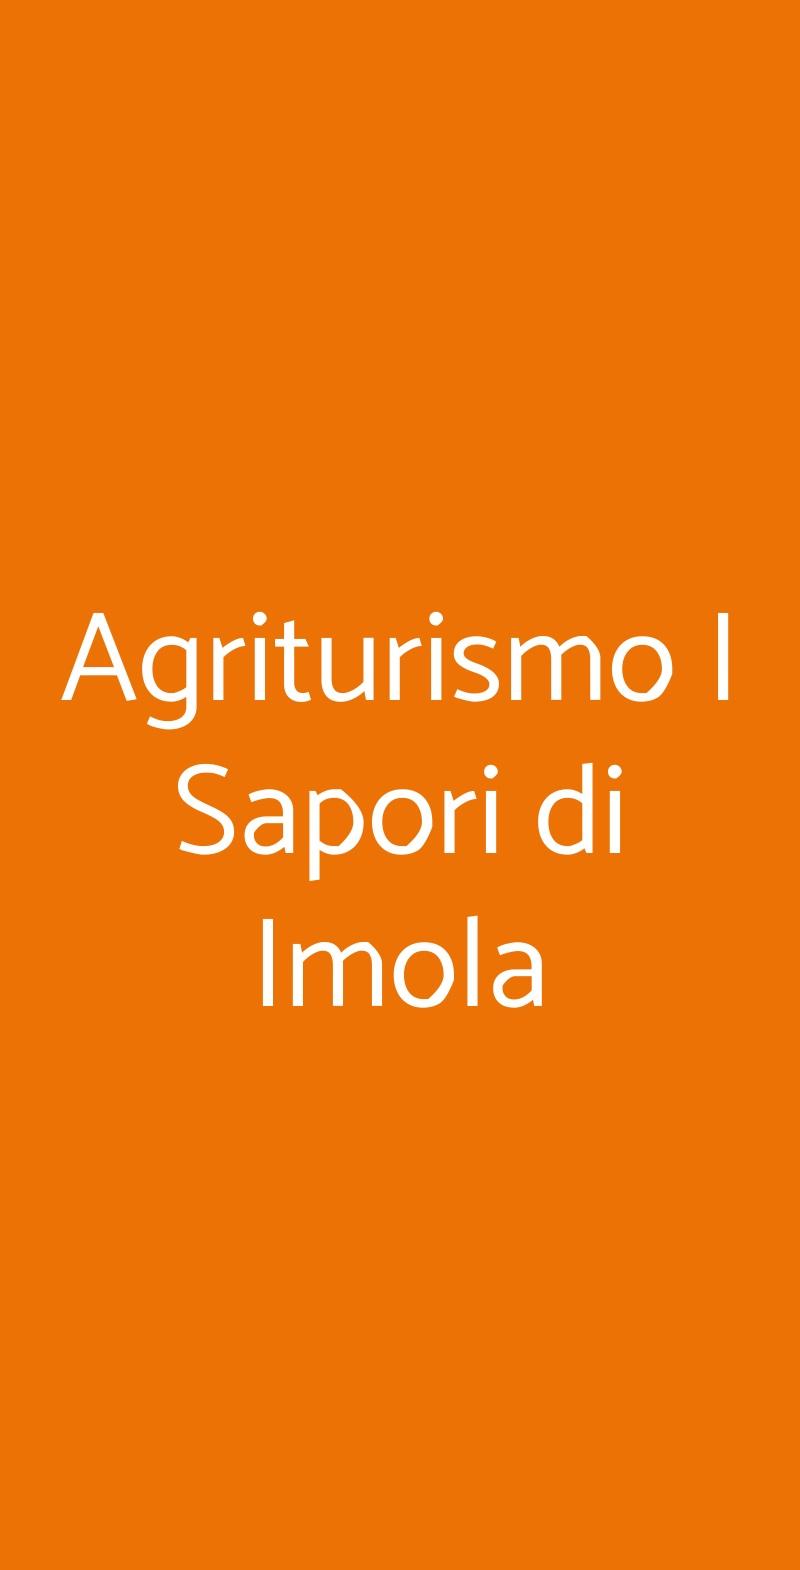 Agriturismo I Sapori di Imola Imola menù 1 pagina